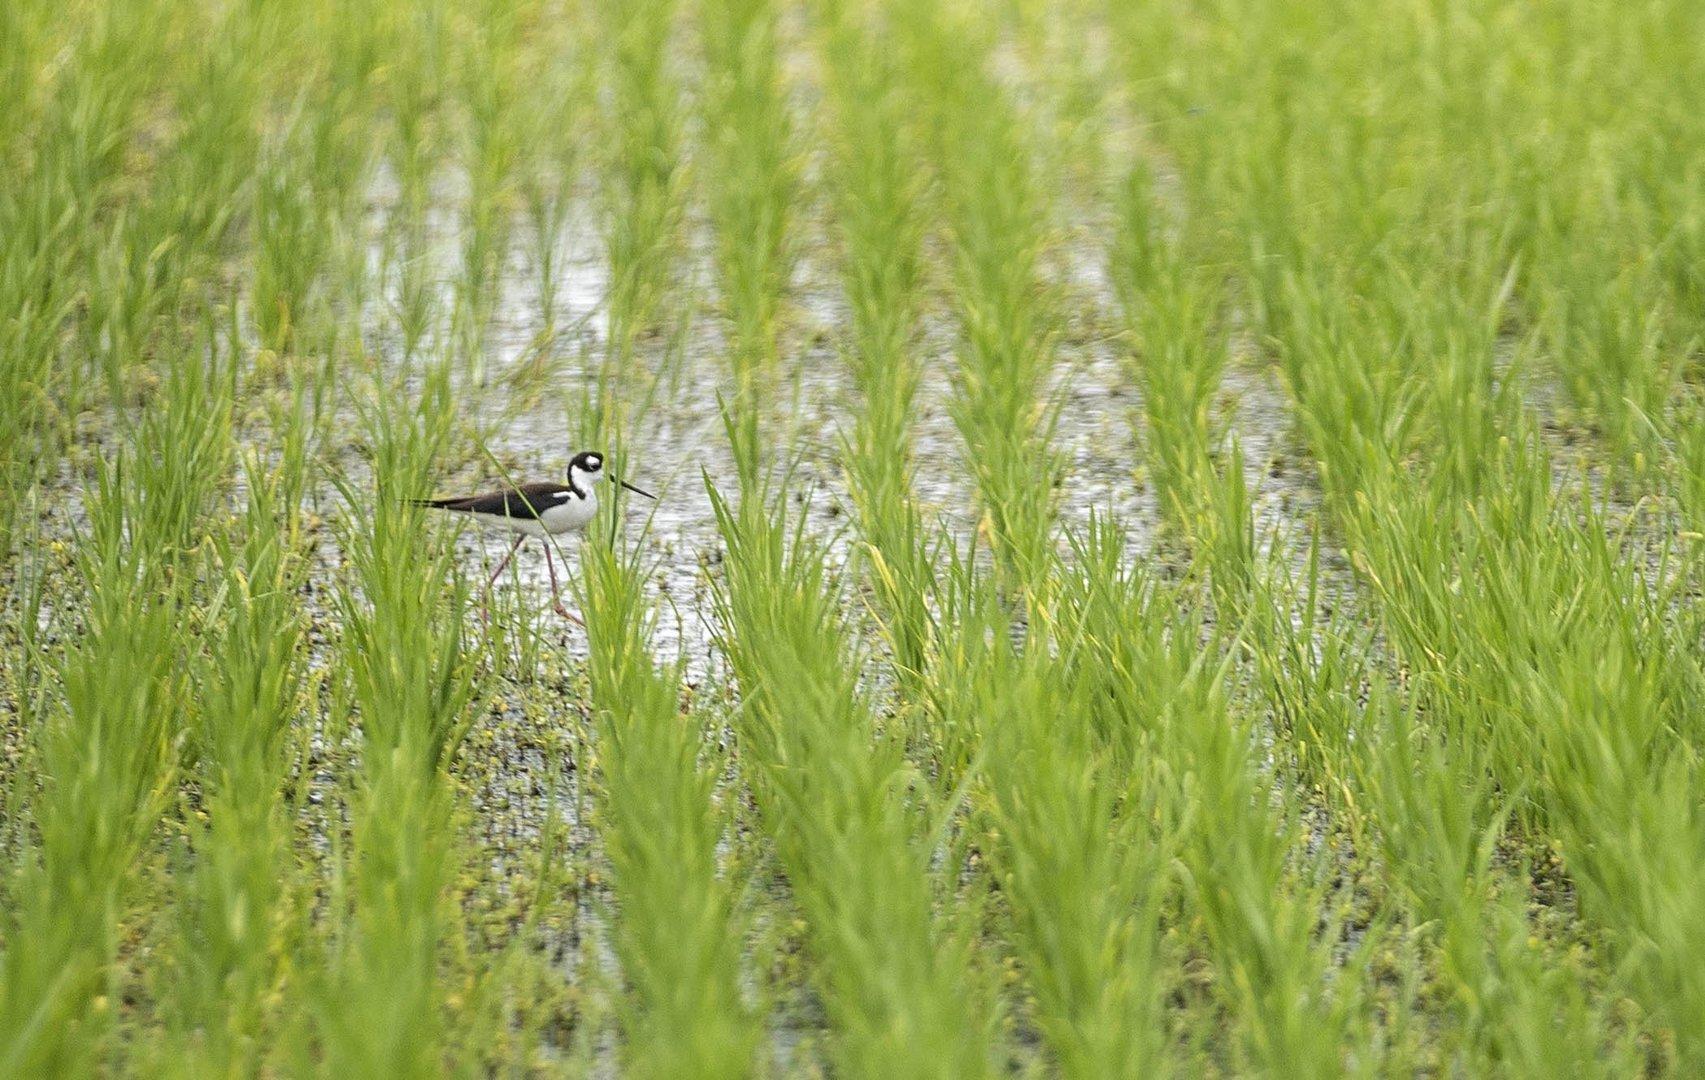 Содержание соединений мышьяка в почве рисовых полей точно измерили